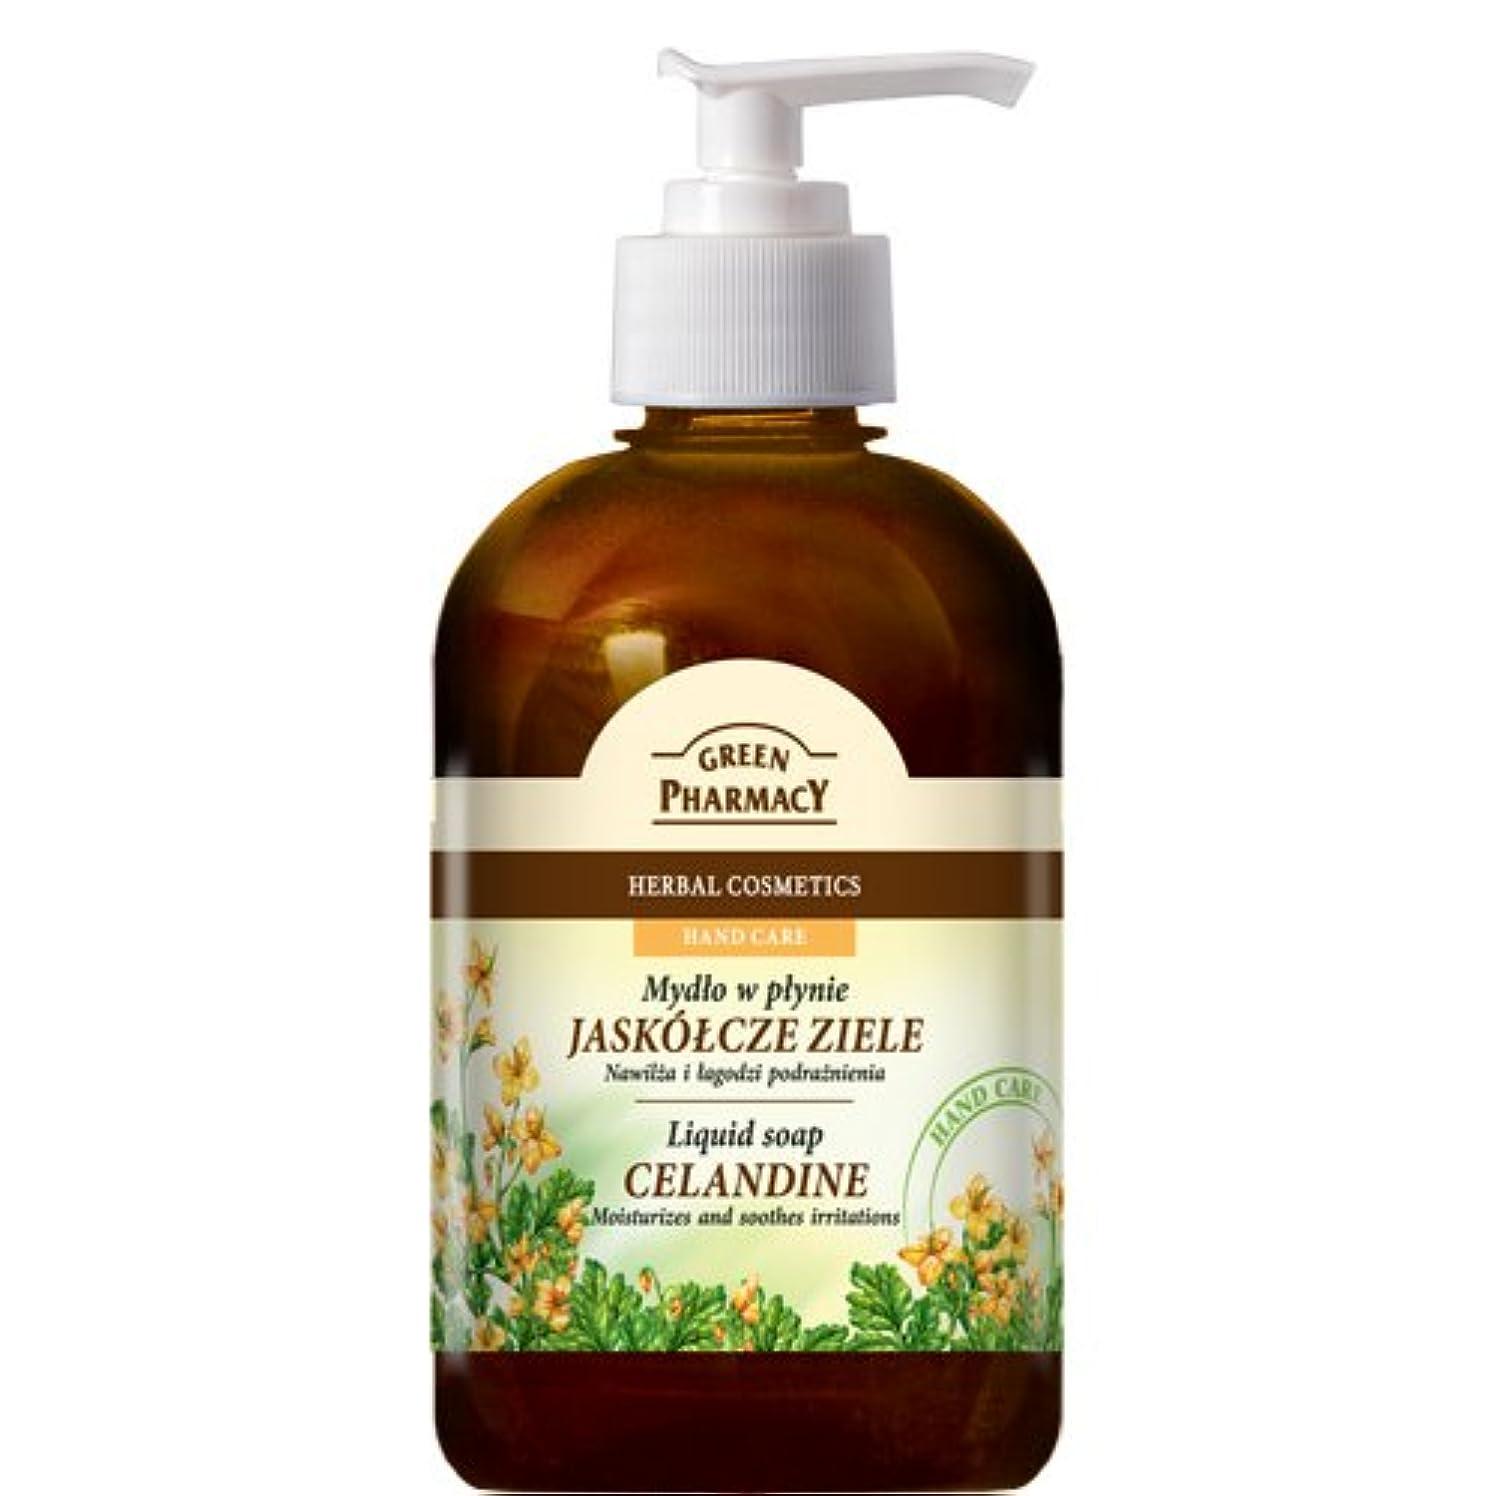 結晶剥ぎ取るキャプテンElfa Pharm Green Pharmacy グリーンファーマシー Liquid Soap リキッドソープ Celandine クサノオウ